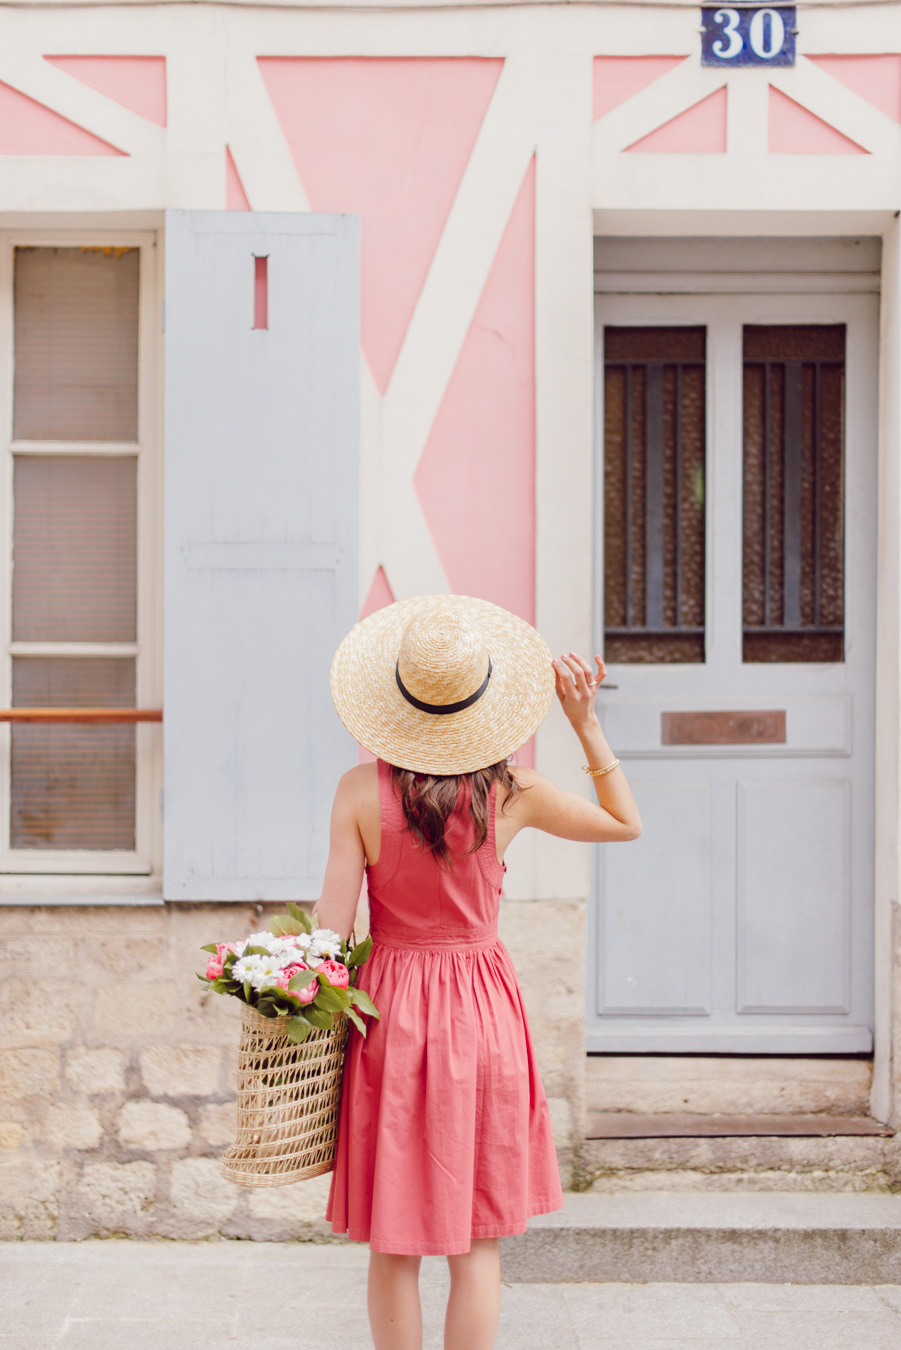 dernier style de 2019 sortie d'usine nouveau style 20 chapeaux parfaits pour l'été — Mode and The City